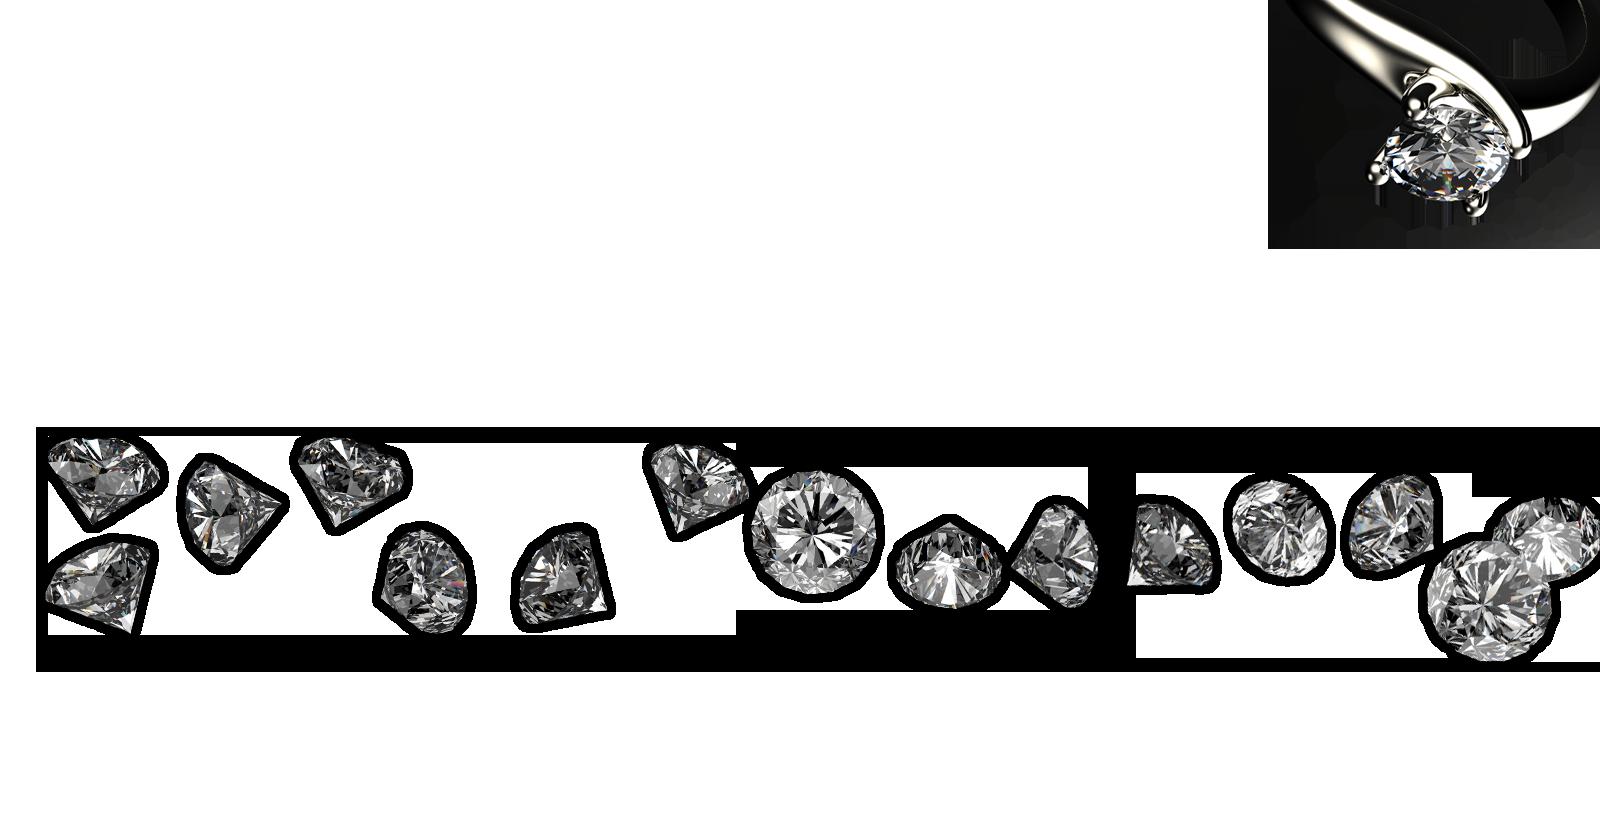 afacf9813 Jewelry Store Lincroft New Jersey | Diamond, Pandora Jewelers NJ